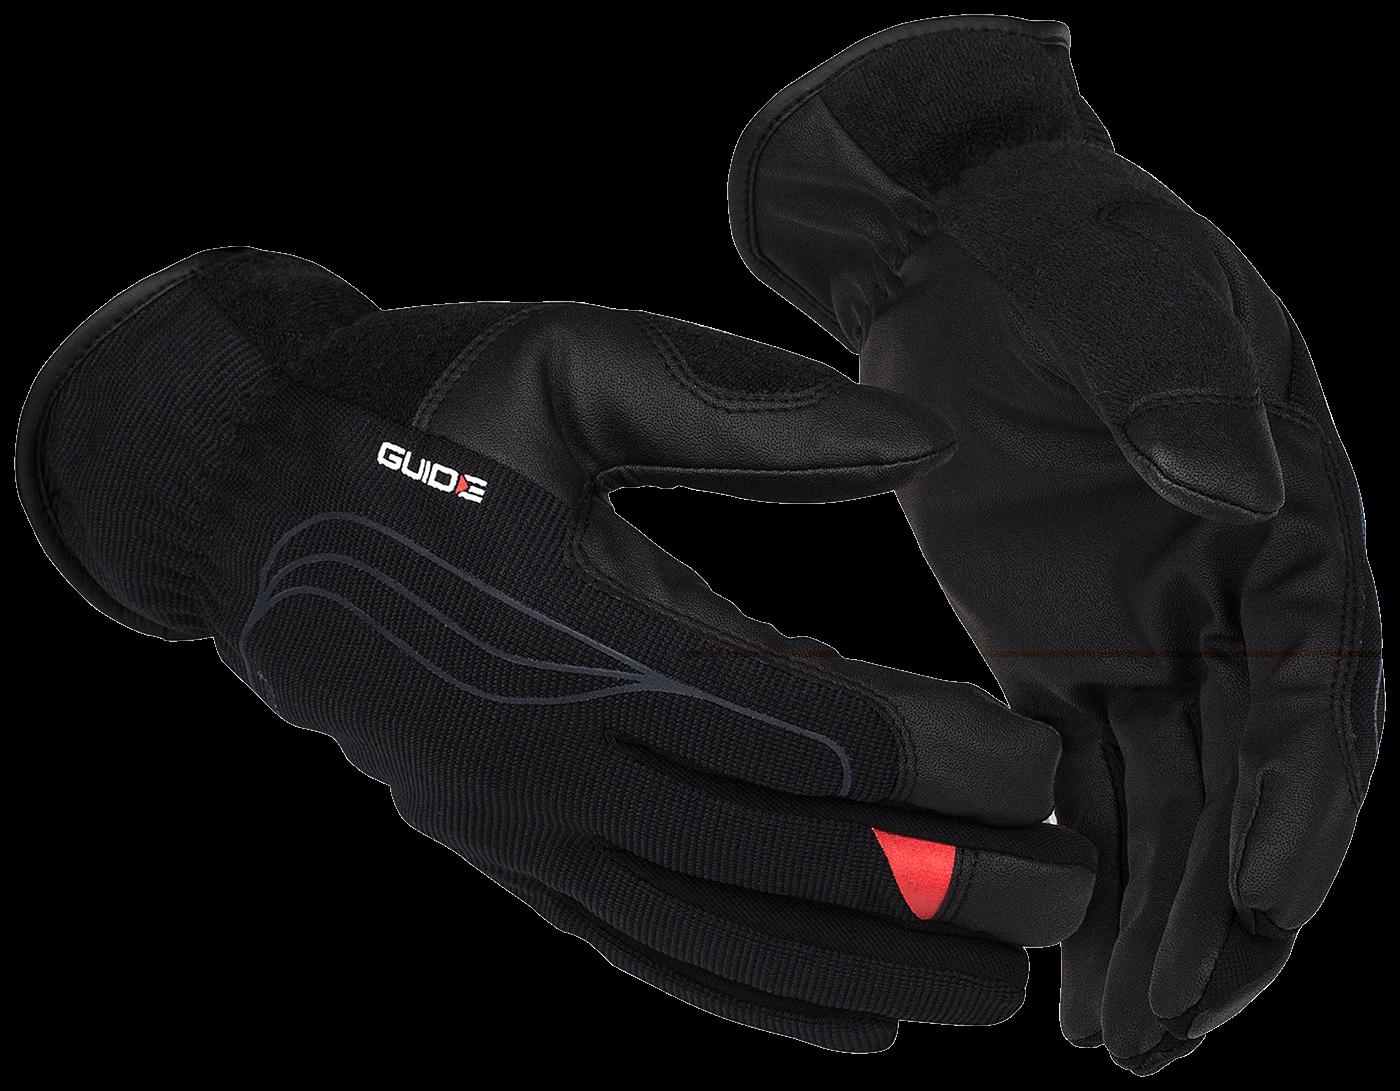 Waterproof Glove GUIDE 5145W